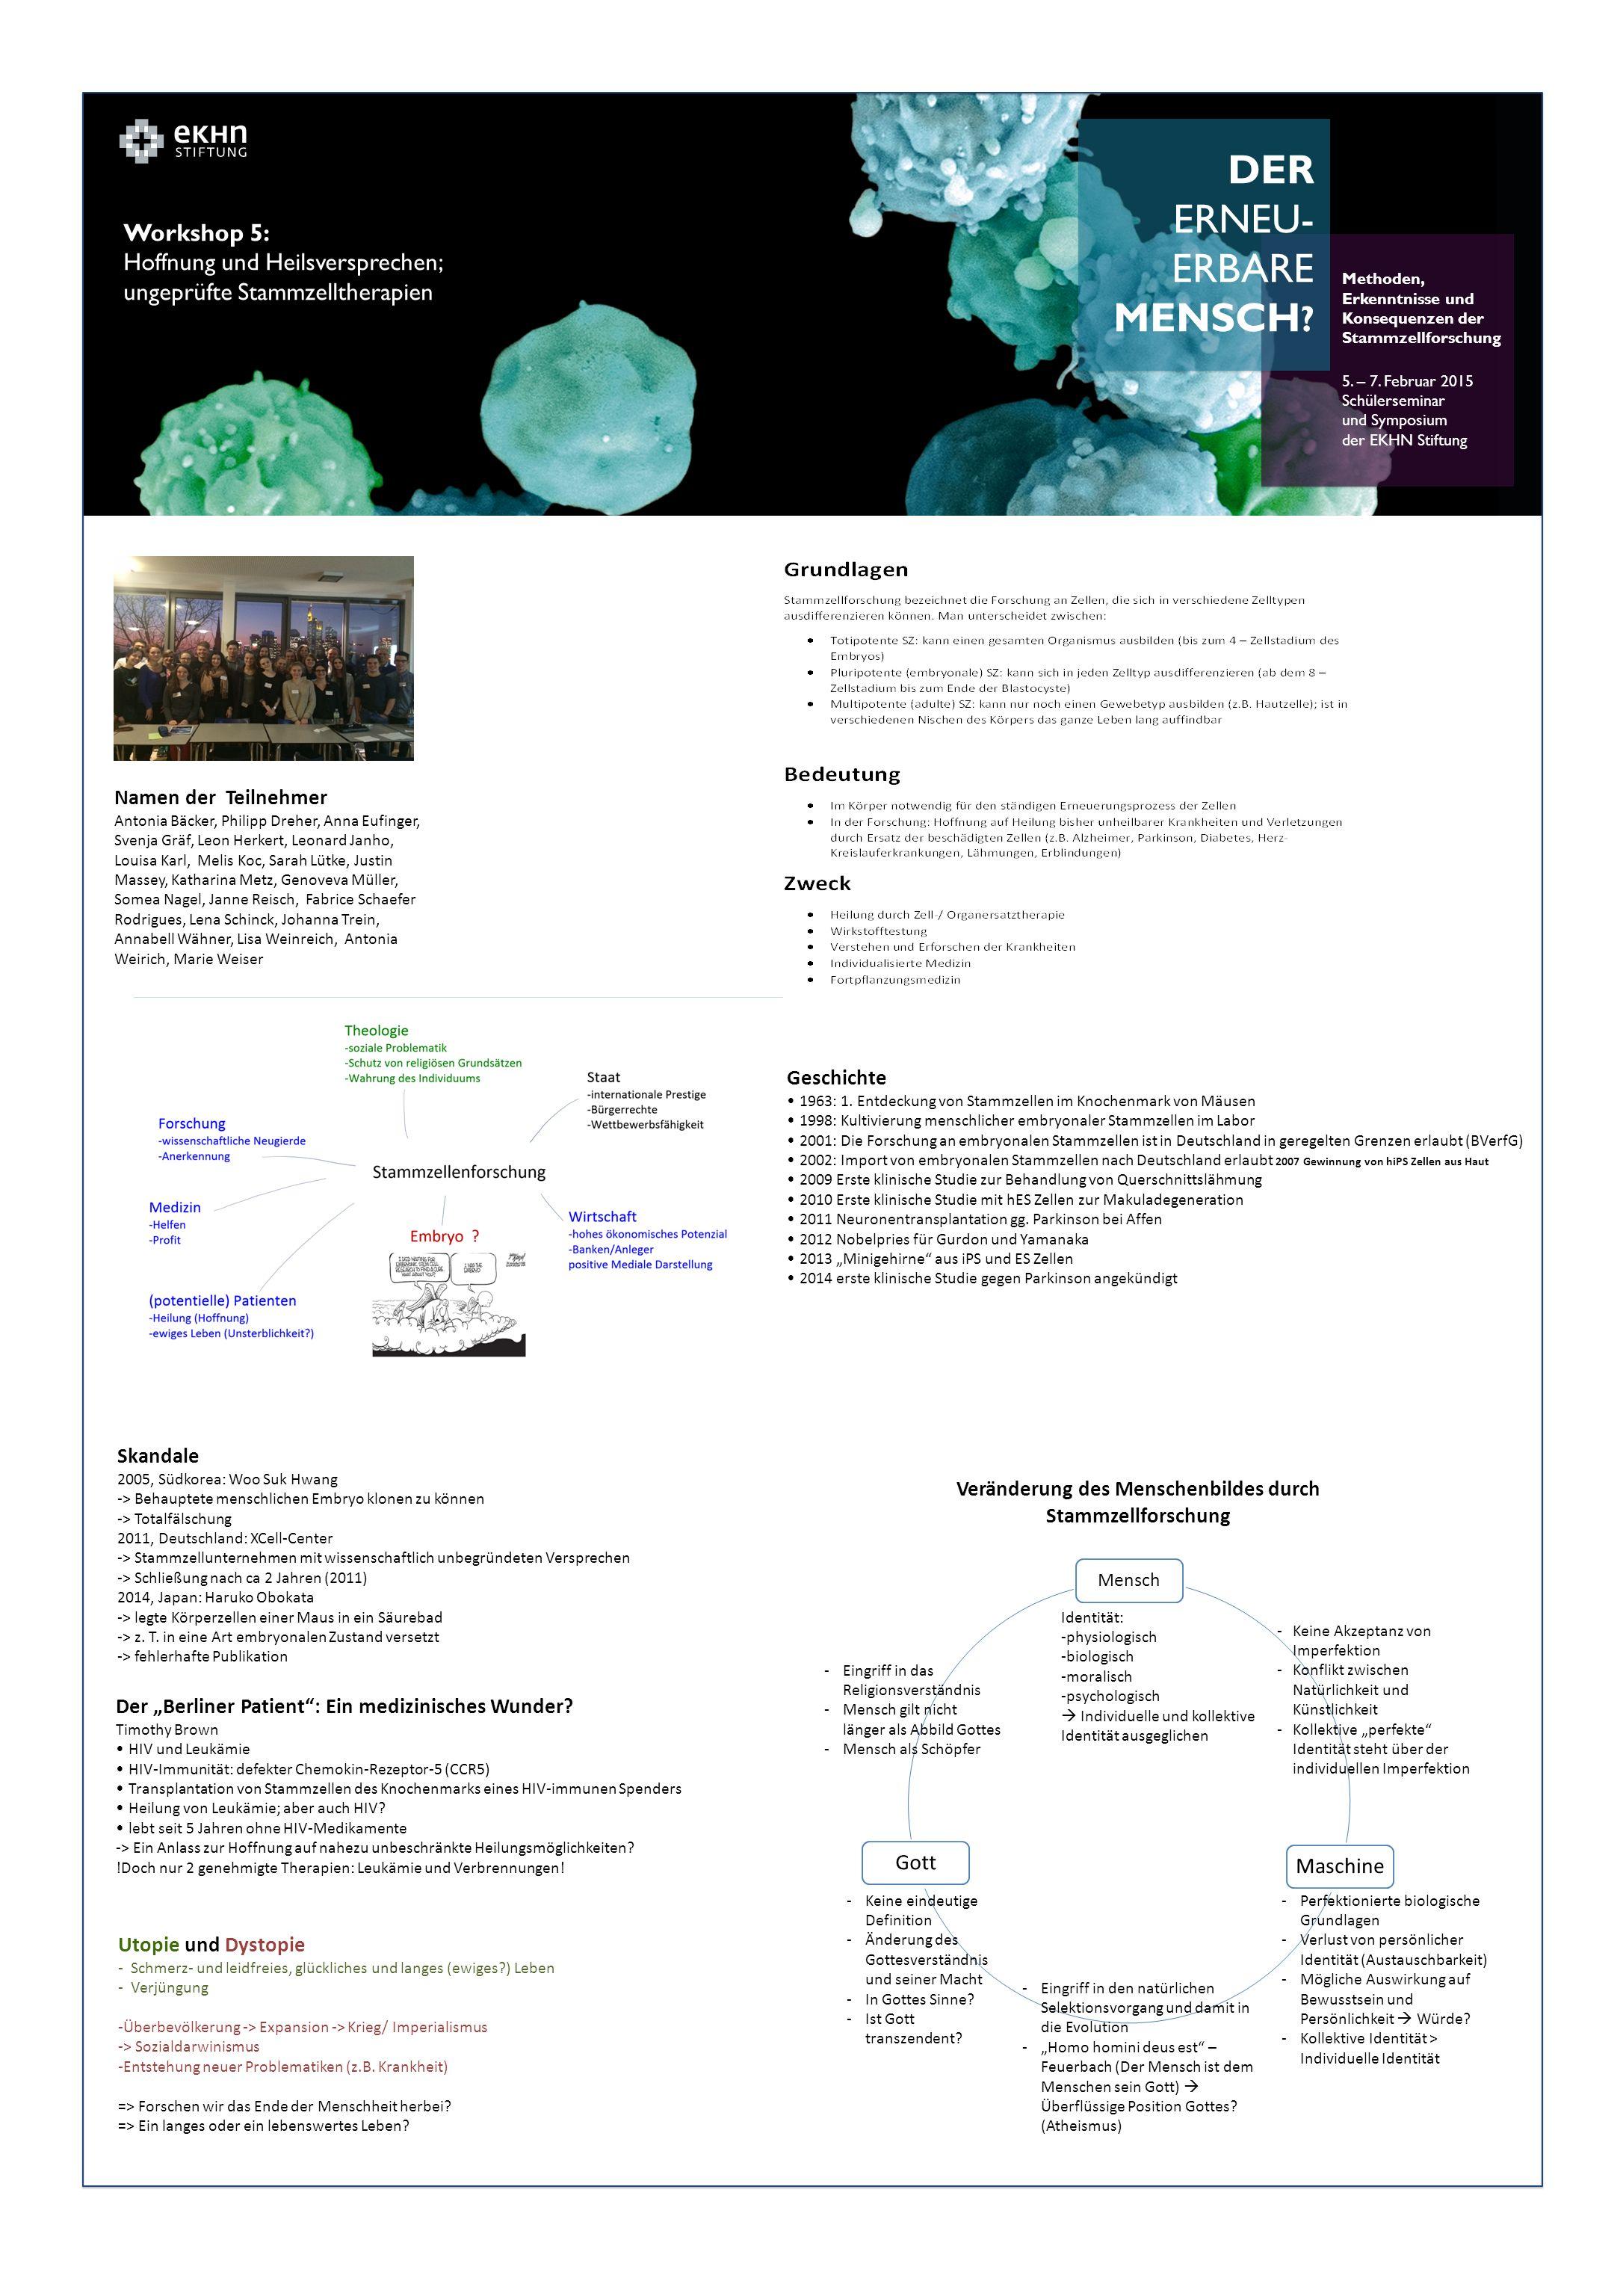 DER ERNEU- ERBARE MENSCH . Methoden, Erkenntnisse und Konsequenzen der Stammzellforschung 5.